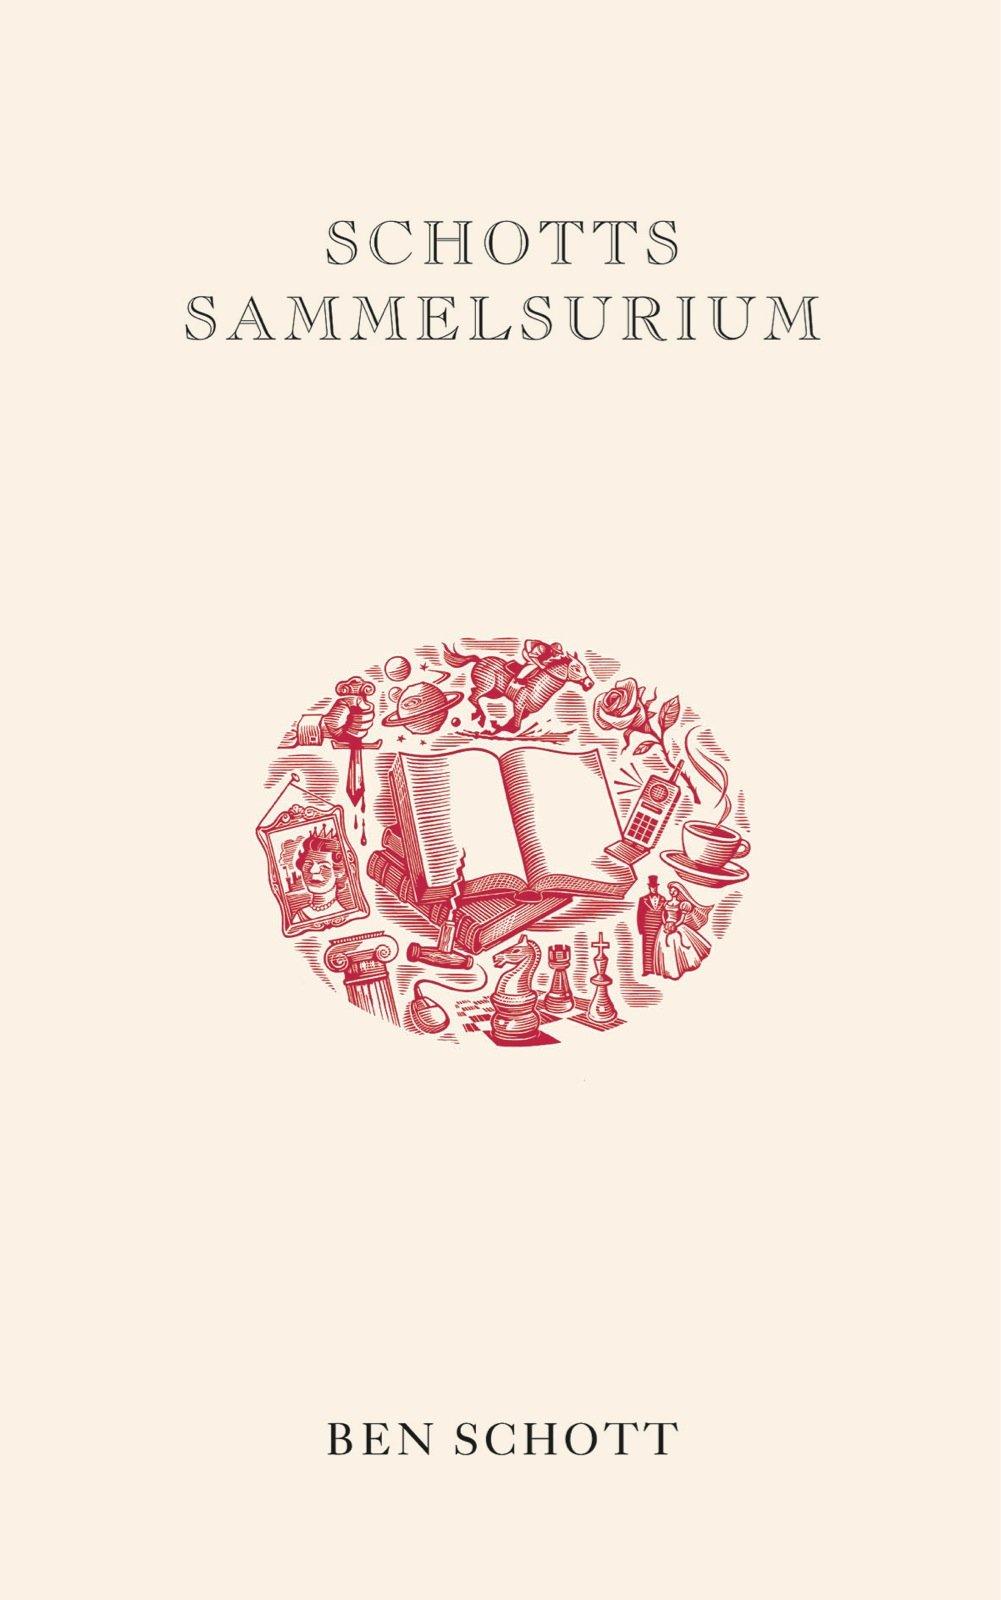 Schotts Sammelsurium